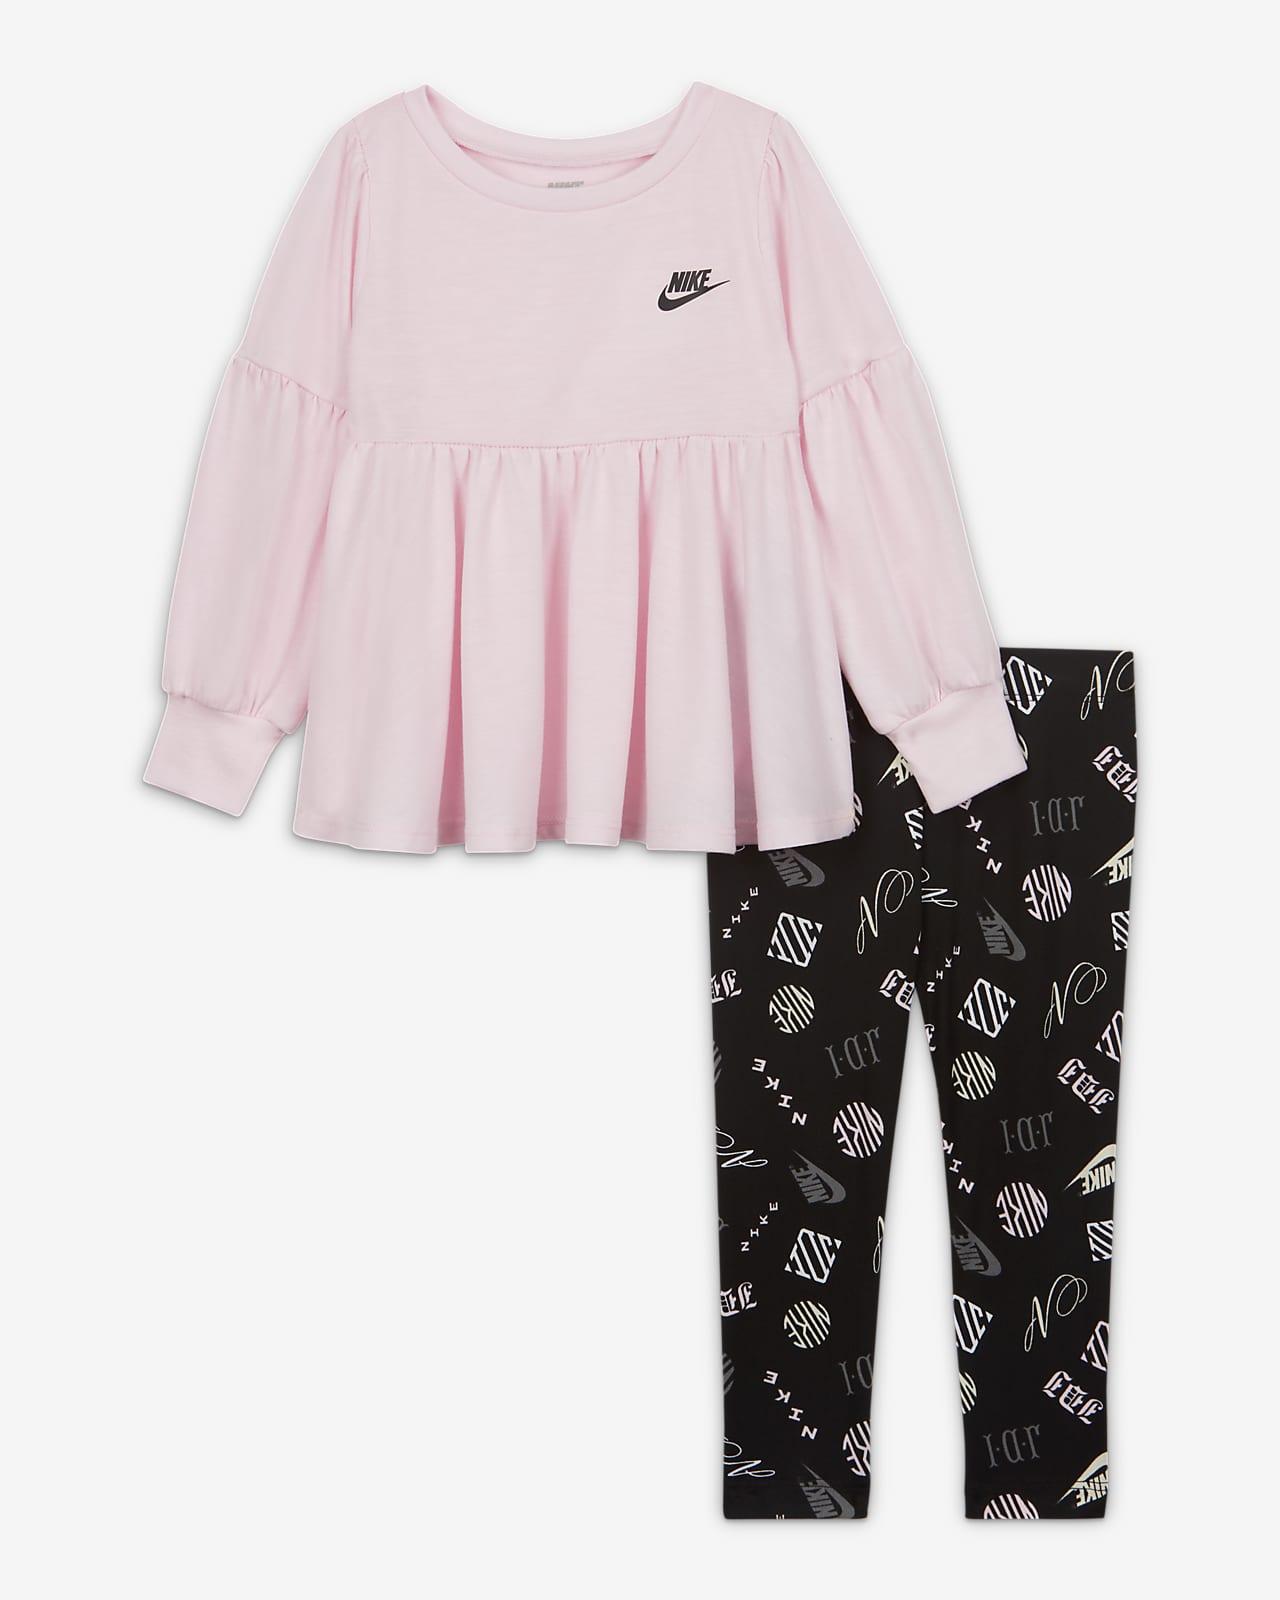 Ensemble haut et leggings Nike pour Bébé (12 - 24 mois)